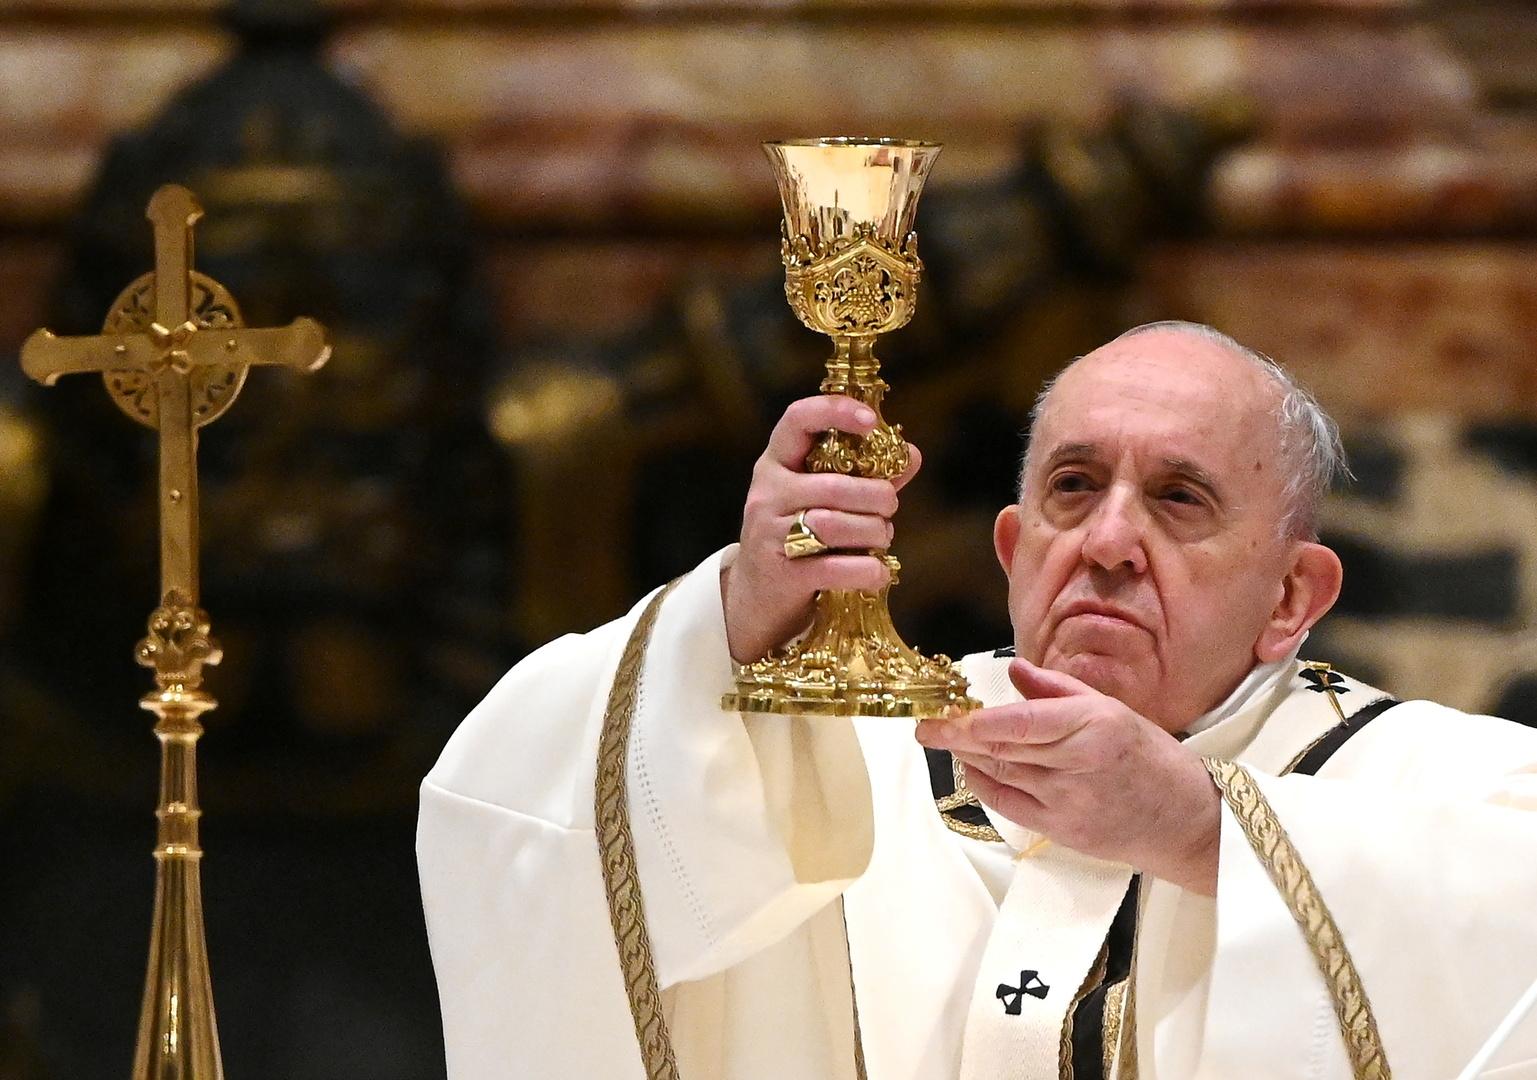 البابا يتلقى اللقاح المضاد لكورونا الأسبوع المقبل